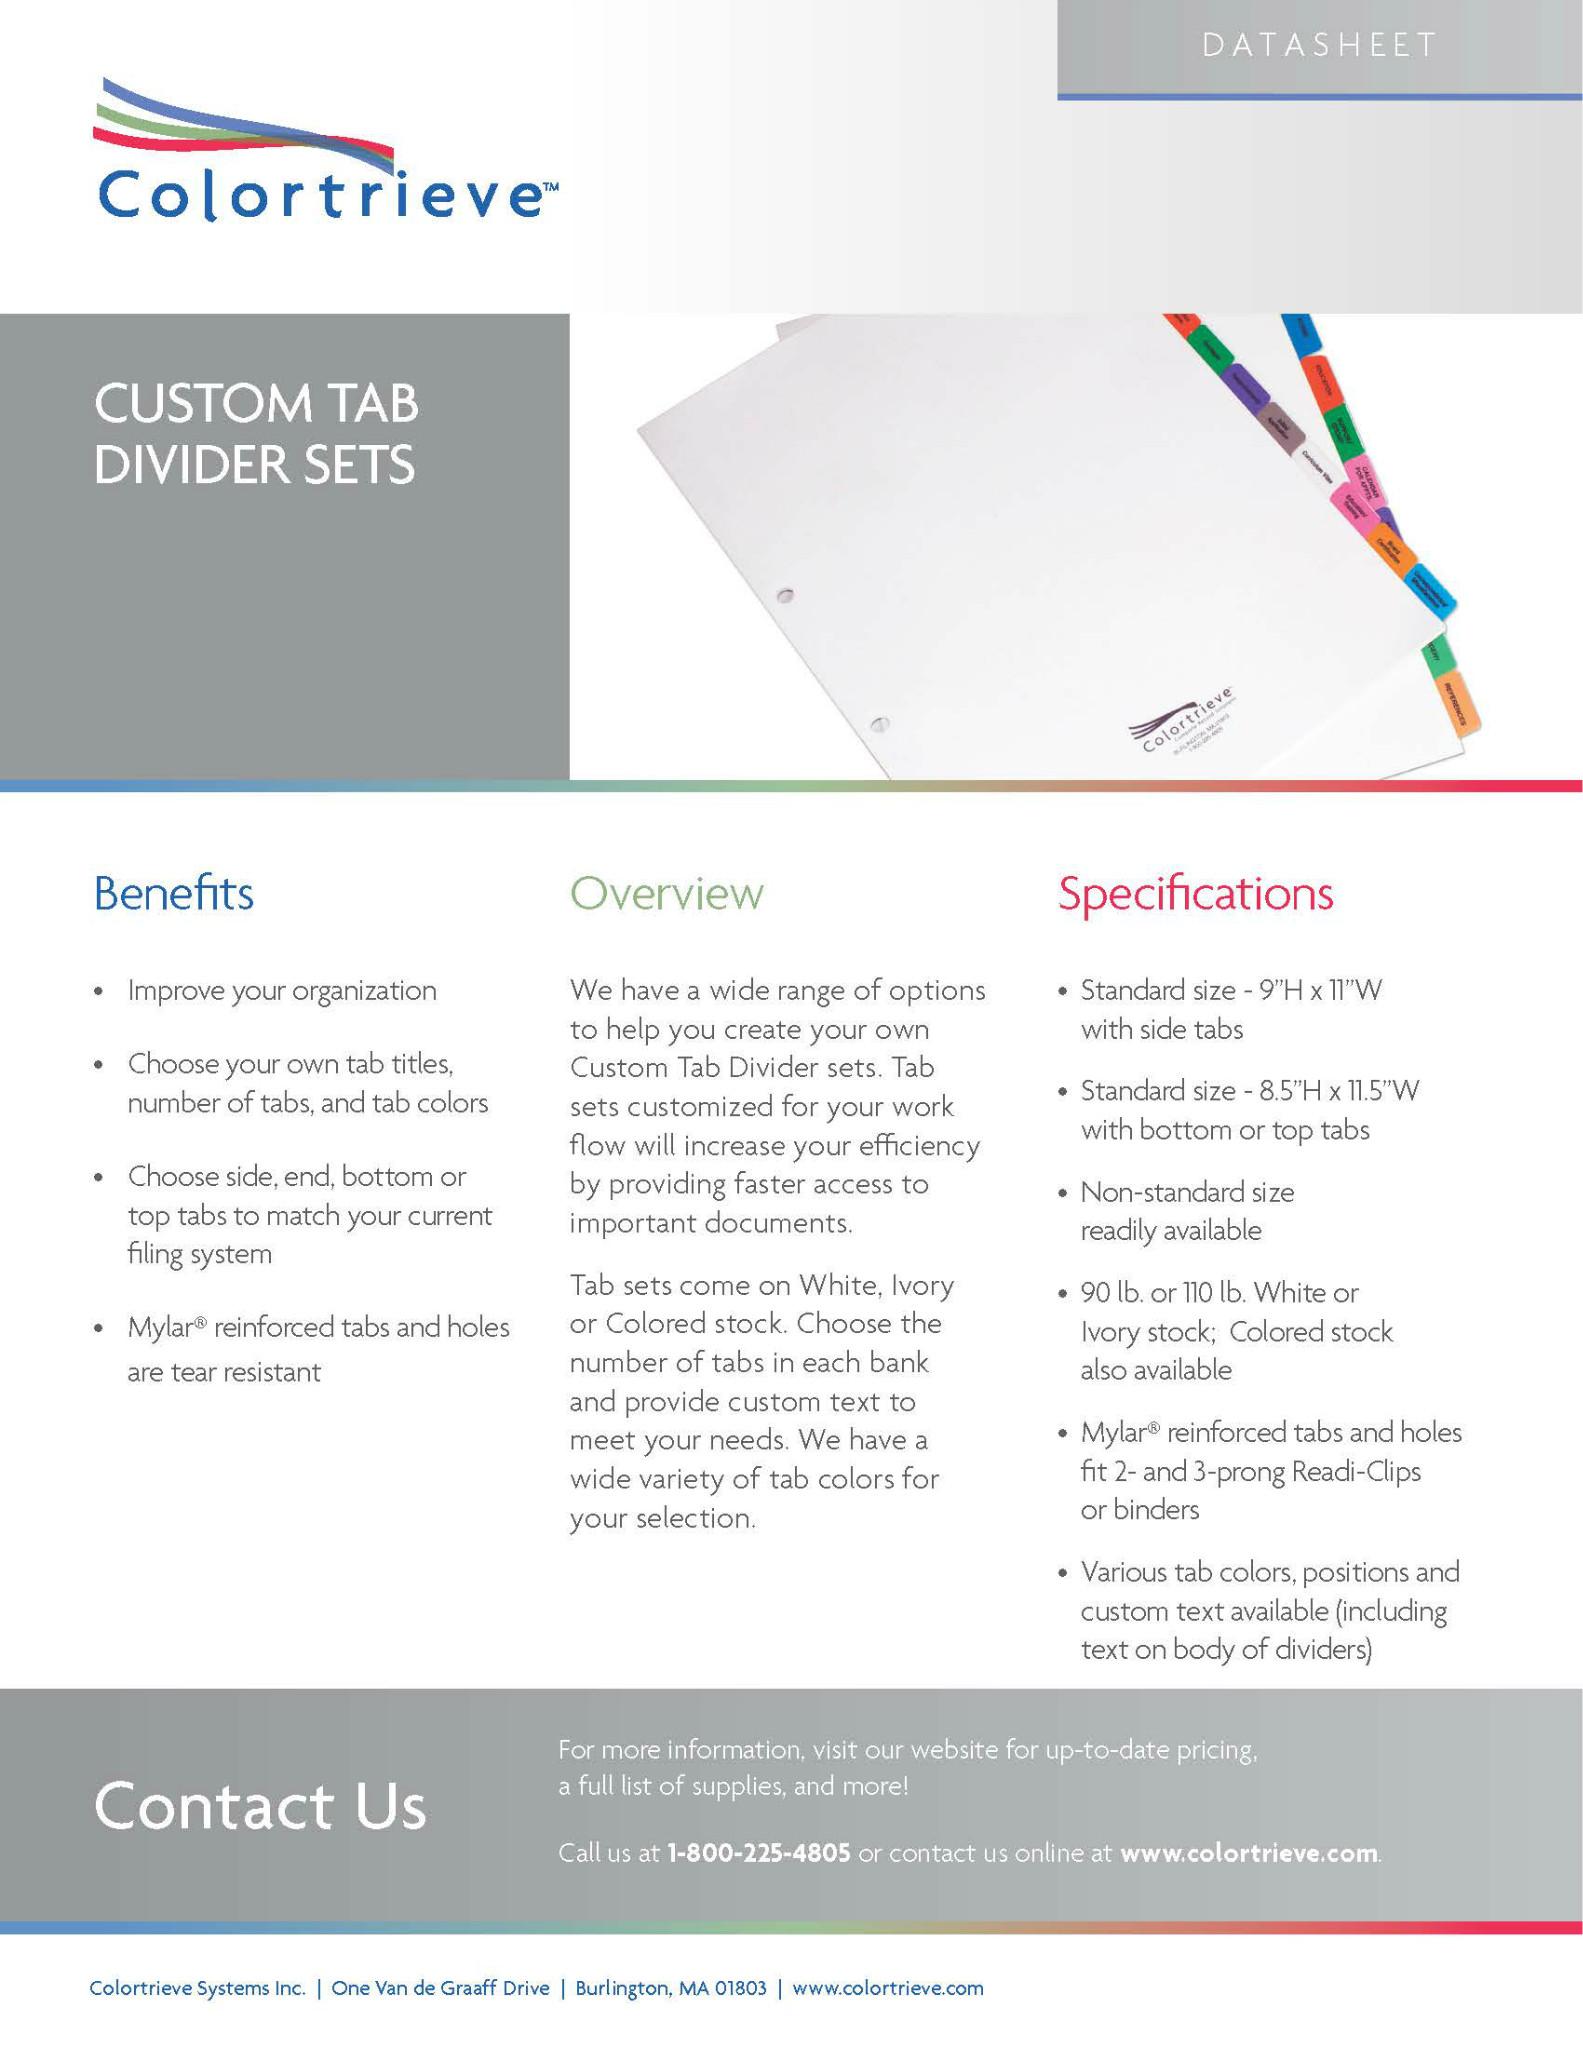 Photo: Custom Tab Divider Sets